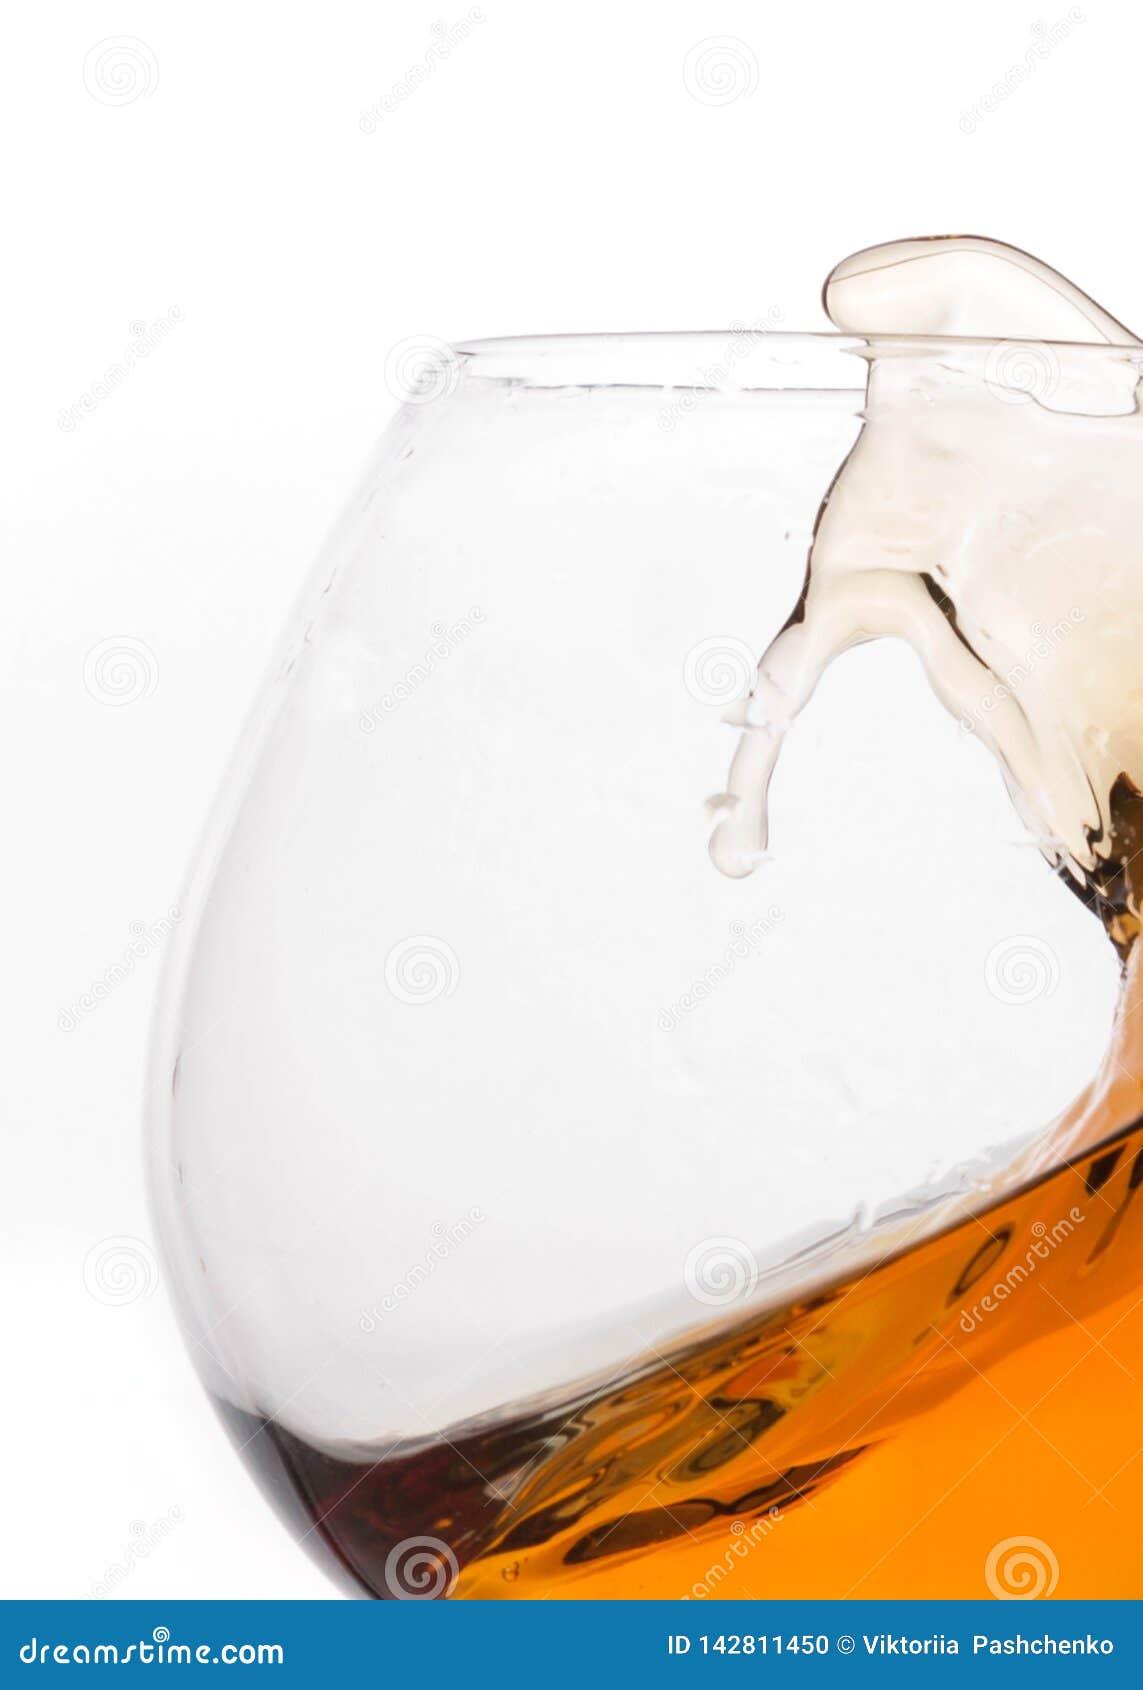 Éclaboussure de whiskey brun en verre transparent avec la réflexion